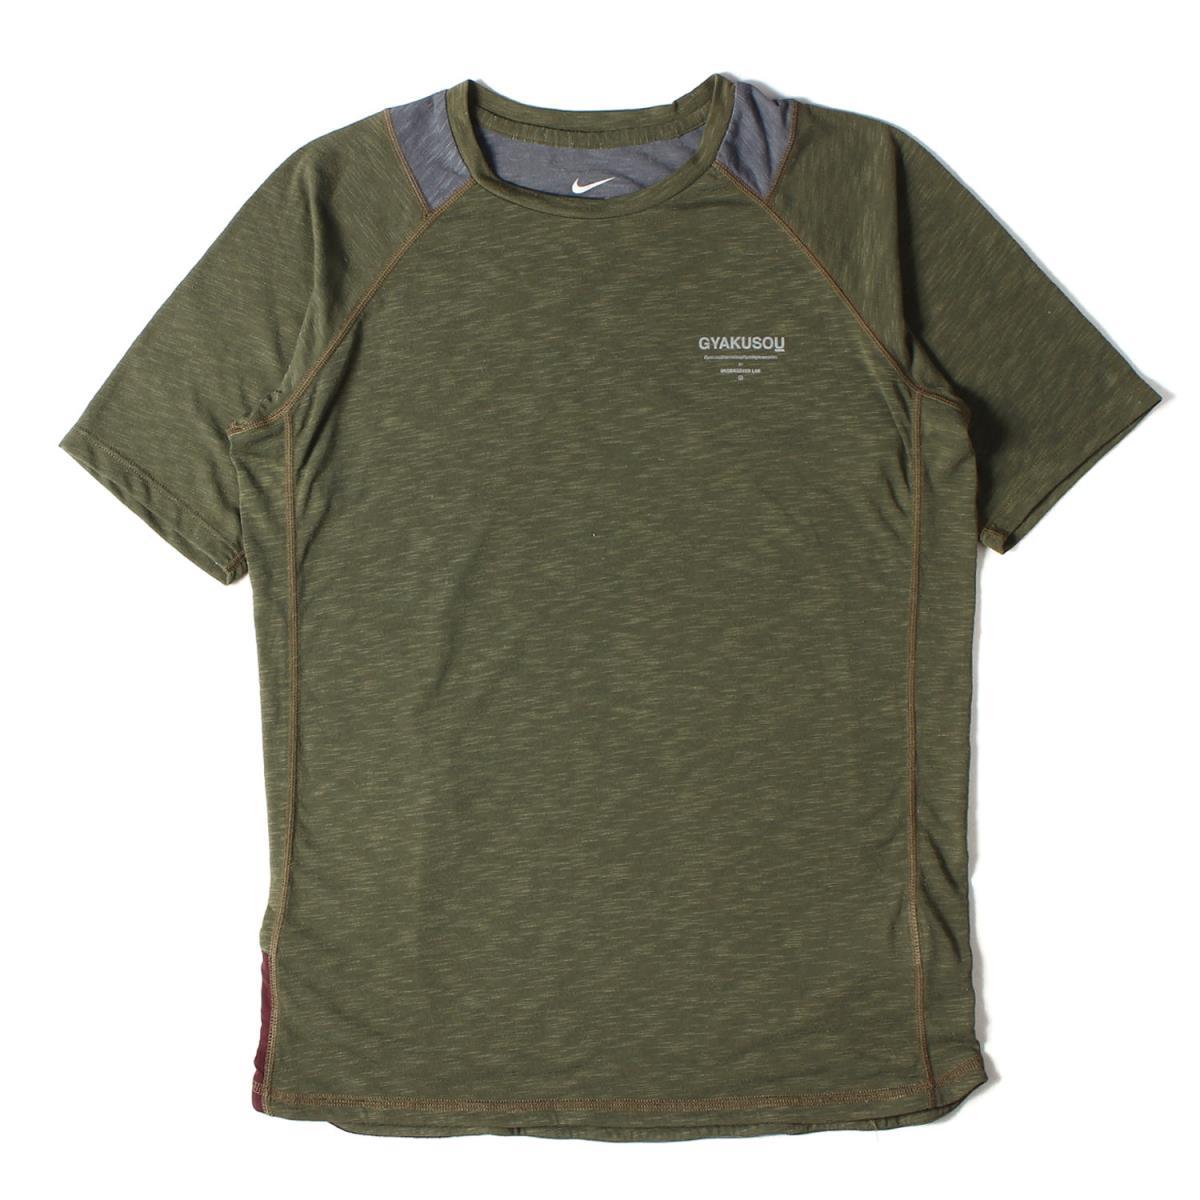 トップス, Tシャツ・カットソー UNDERCOVER T NIKE GYAKUSOU DRI-FIT T M K2753